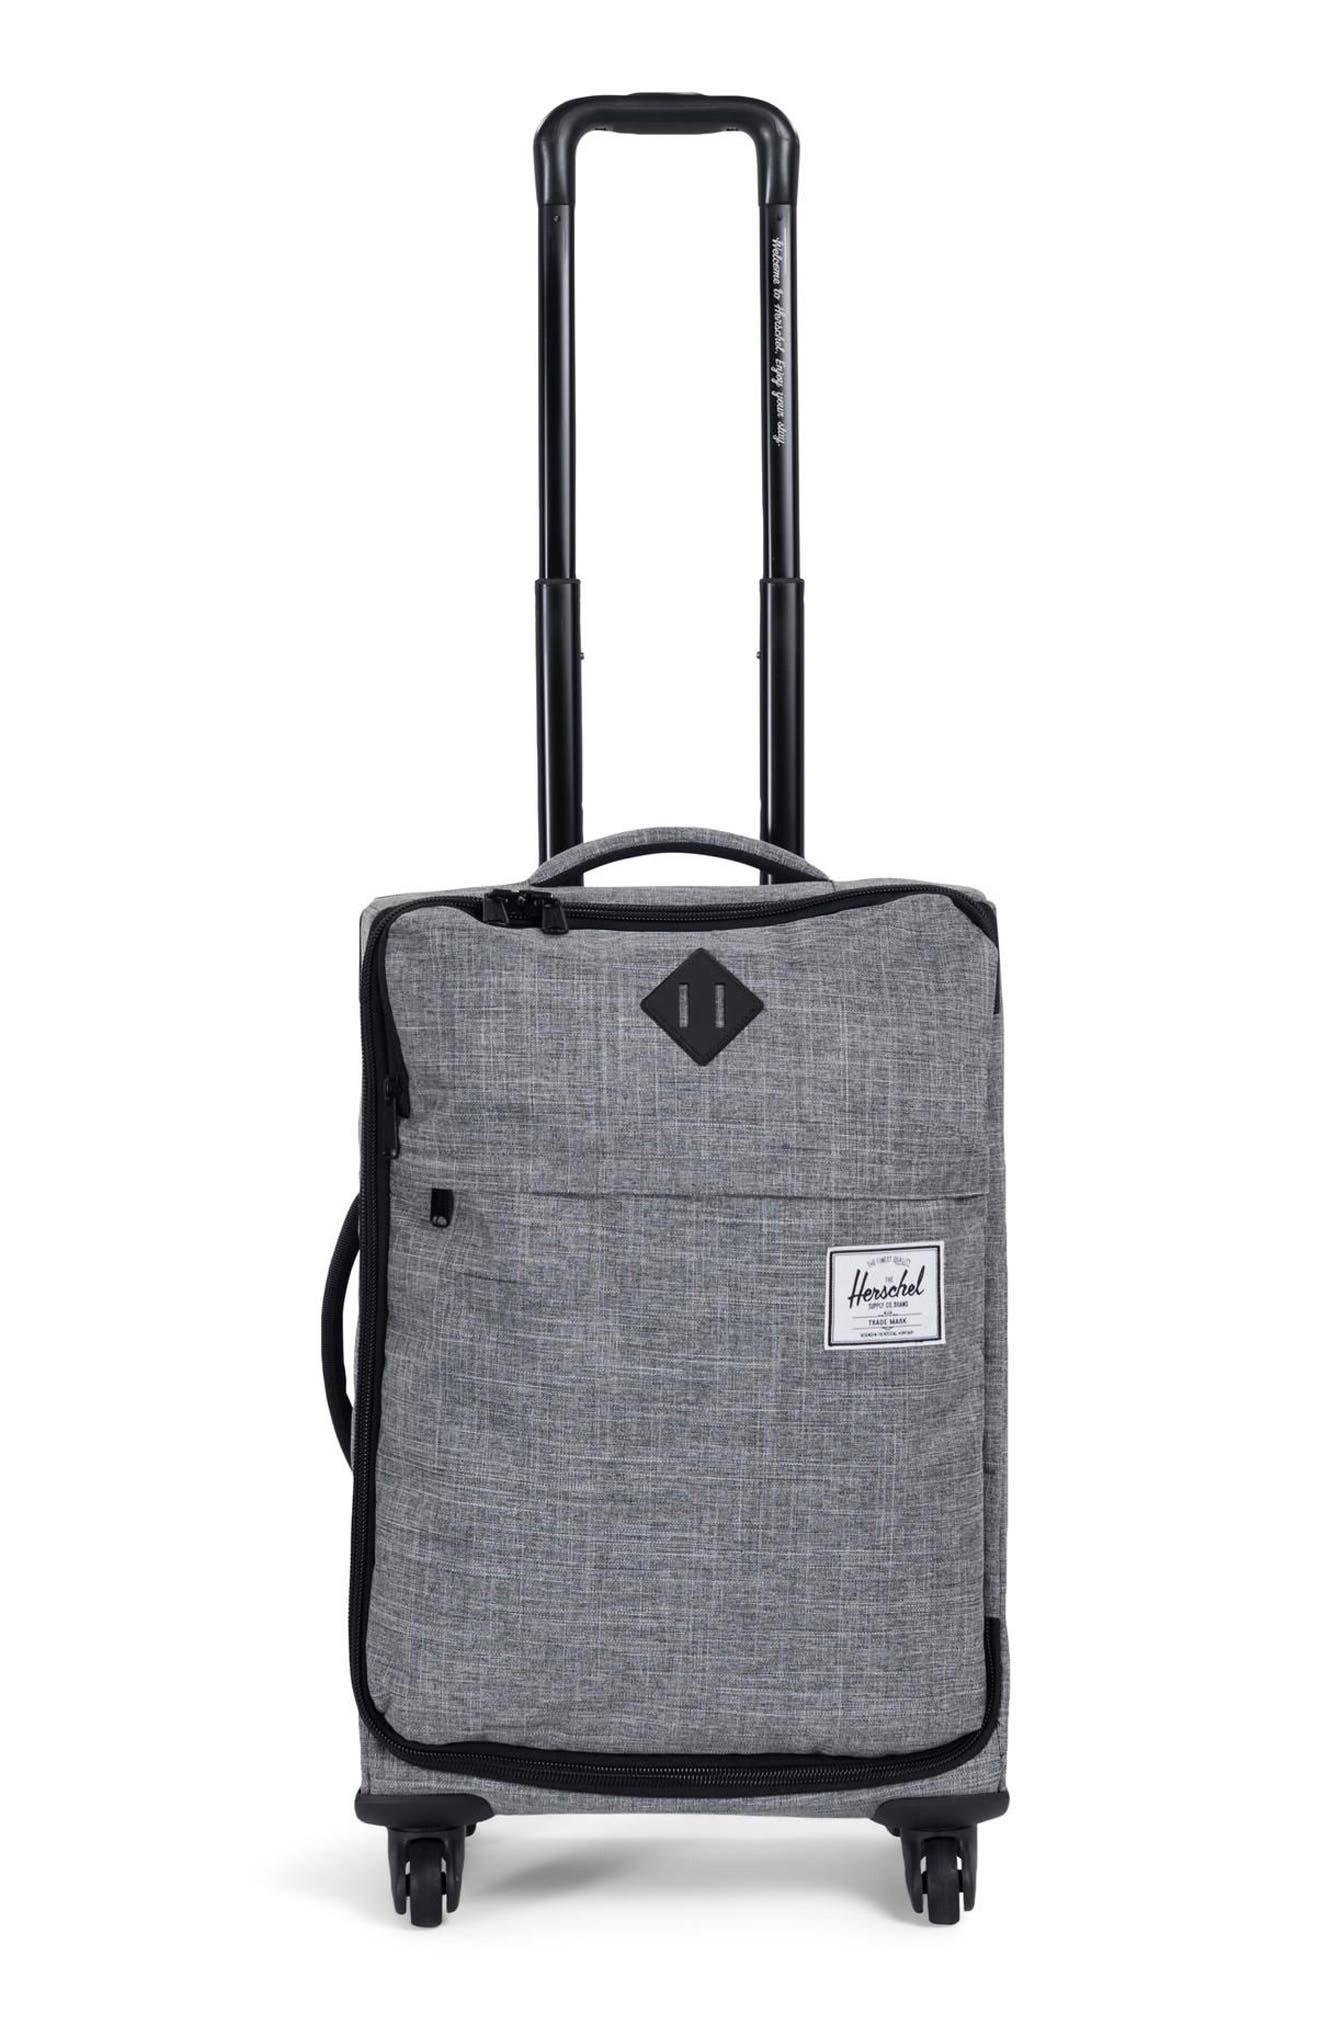 Highland Wheeled Suitcase - Grey, Raven Crosshatch